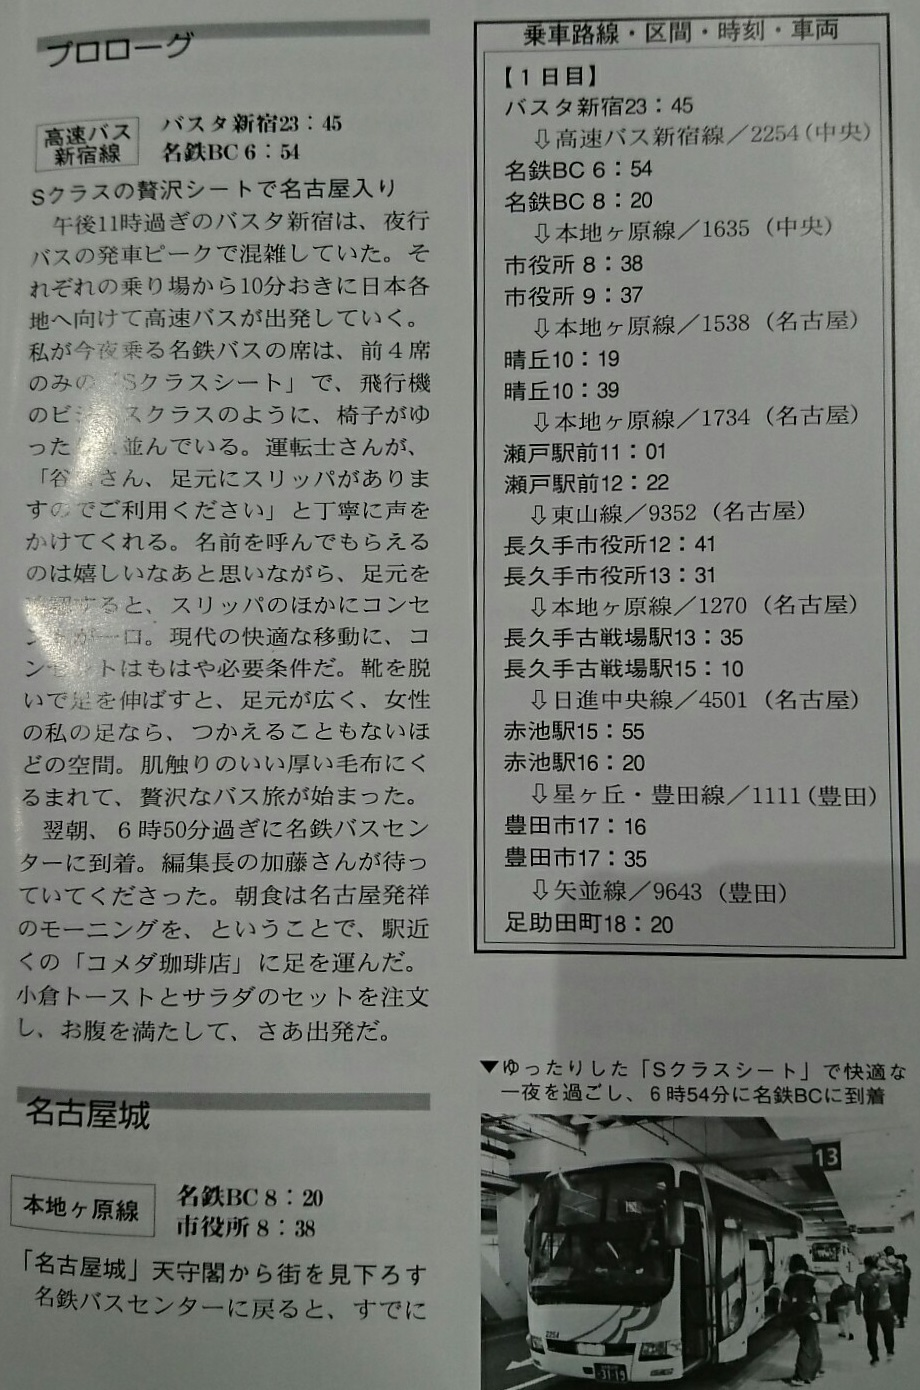 名鉄バス - 谷口礼子さん『尾張、三河の史跡と伝統産業』 (4) 920-1390